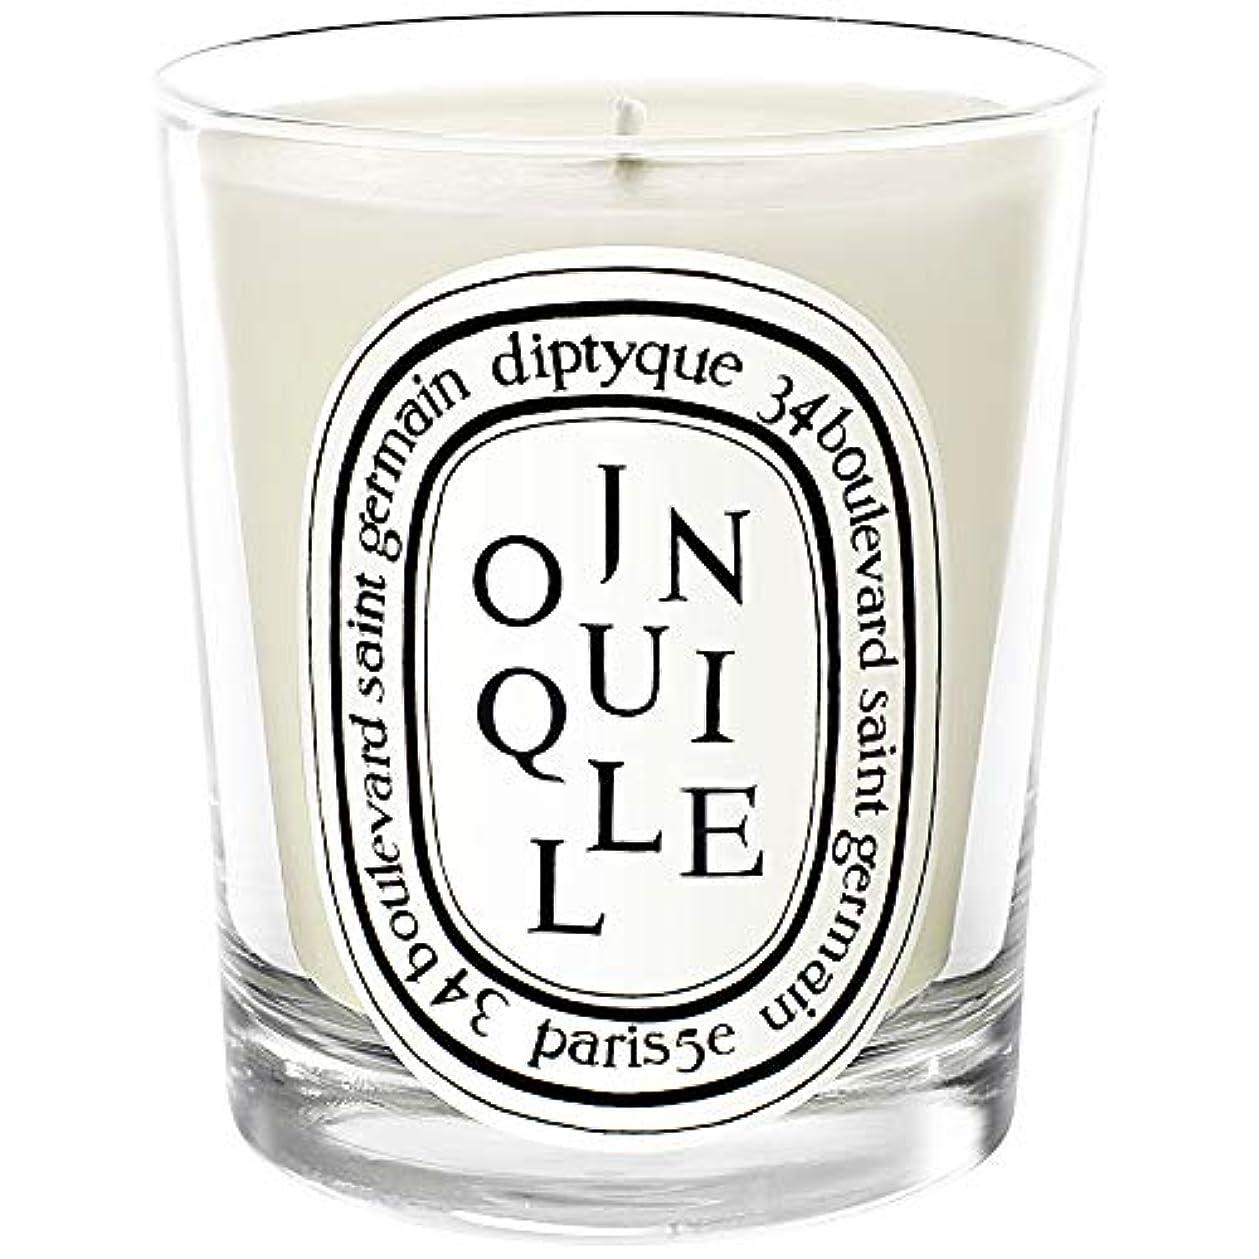 アカウント霧深いくしゃみ[Diptyque] Diptyque Jonquilleキャンドル190グラム - Diptyque Jonquille Candle 190g [並行輸入品]